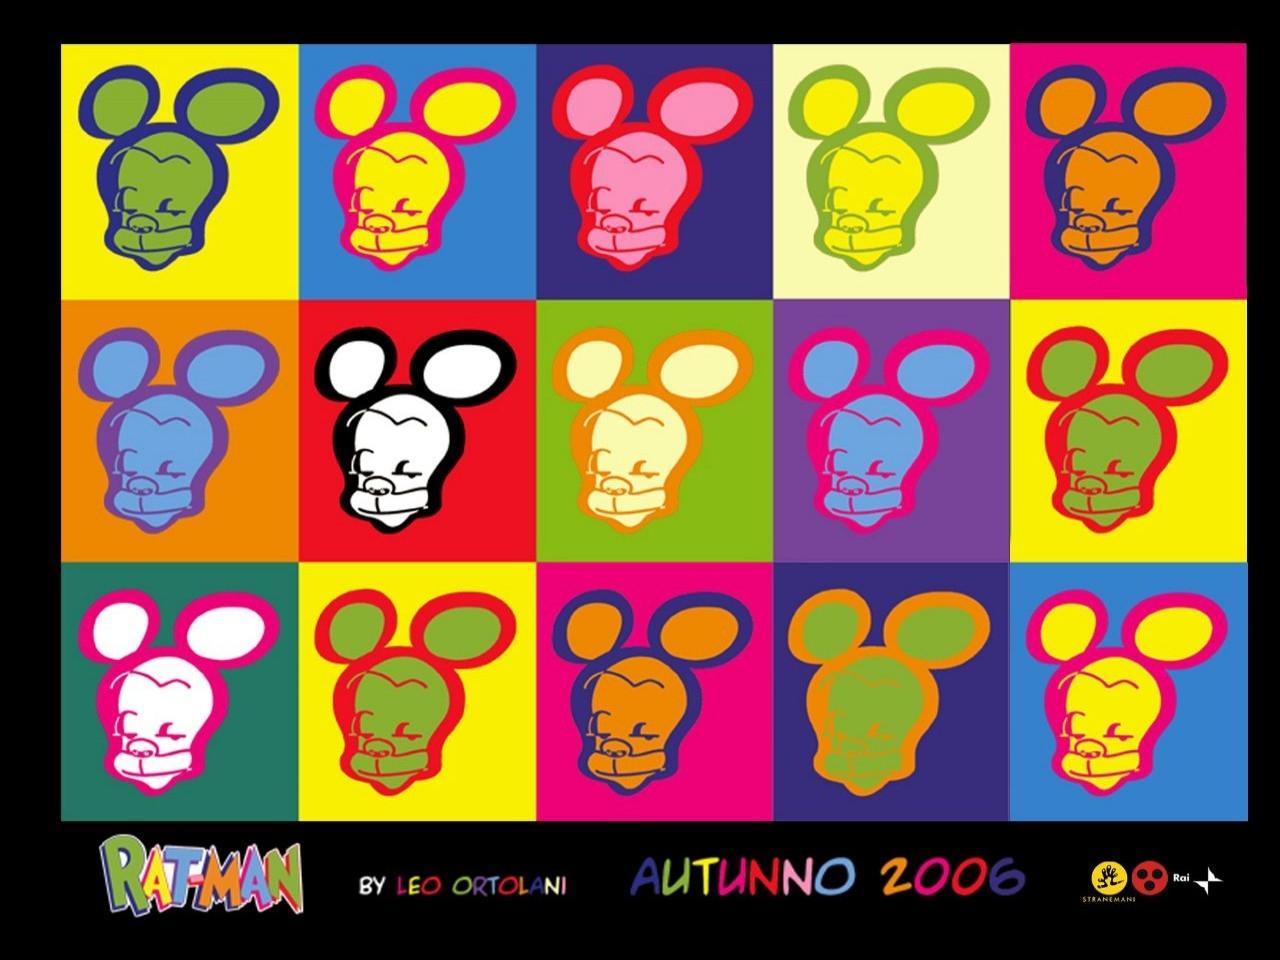 Wallpaper della serie Rat-Man